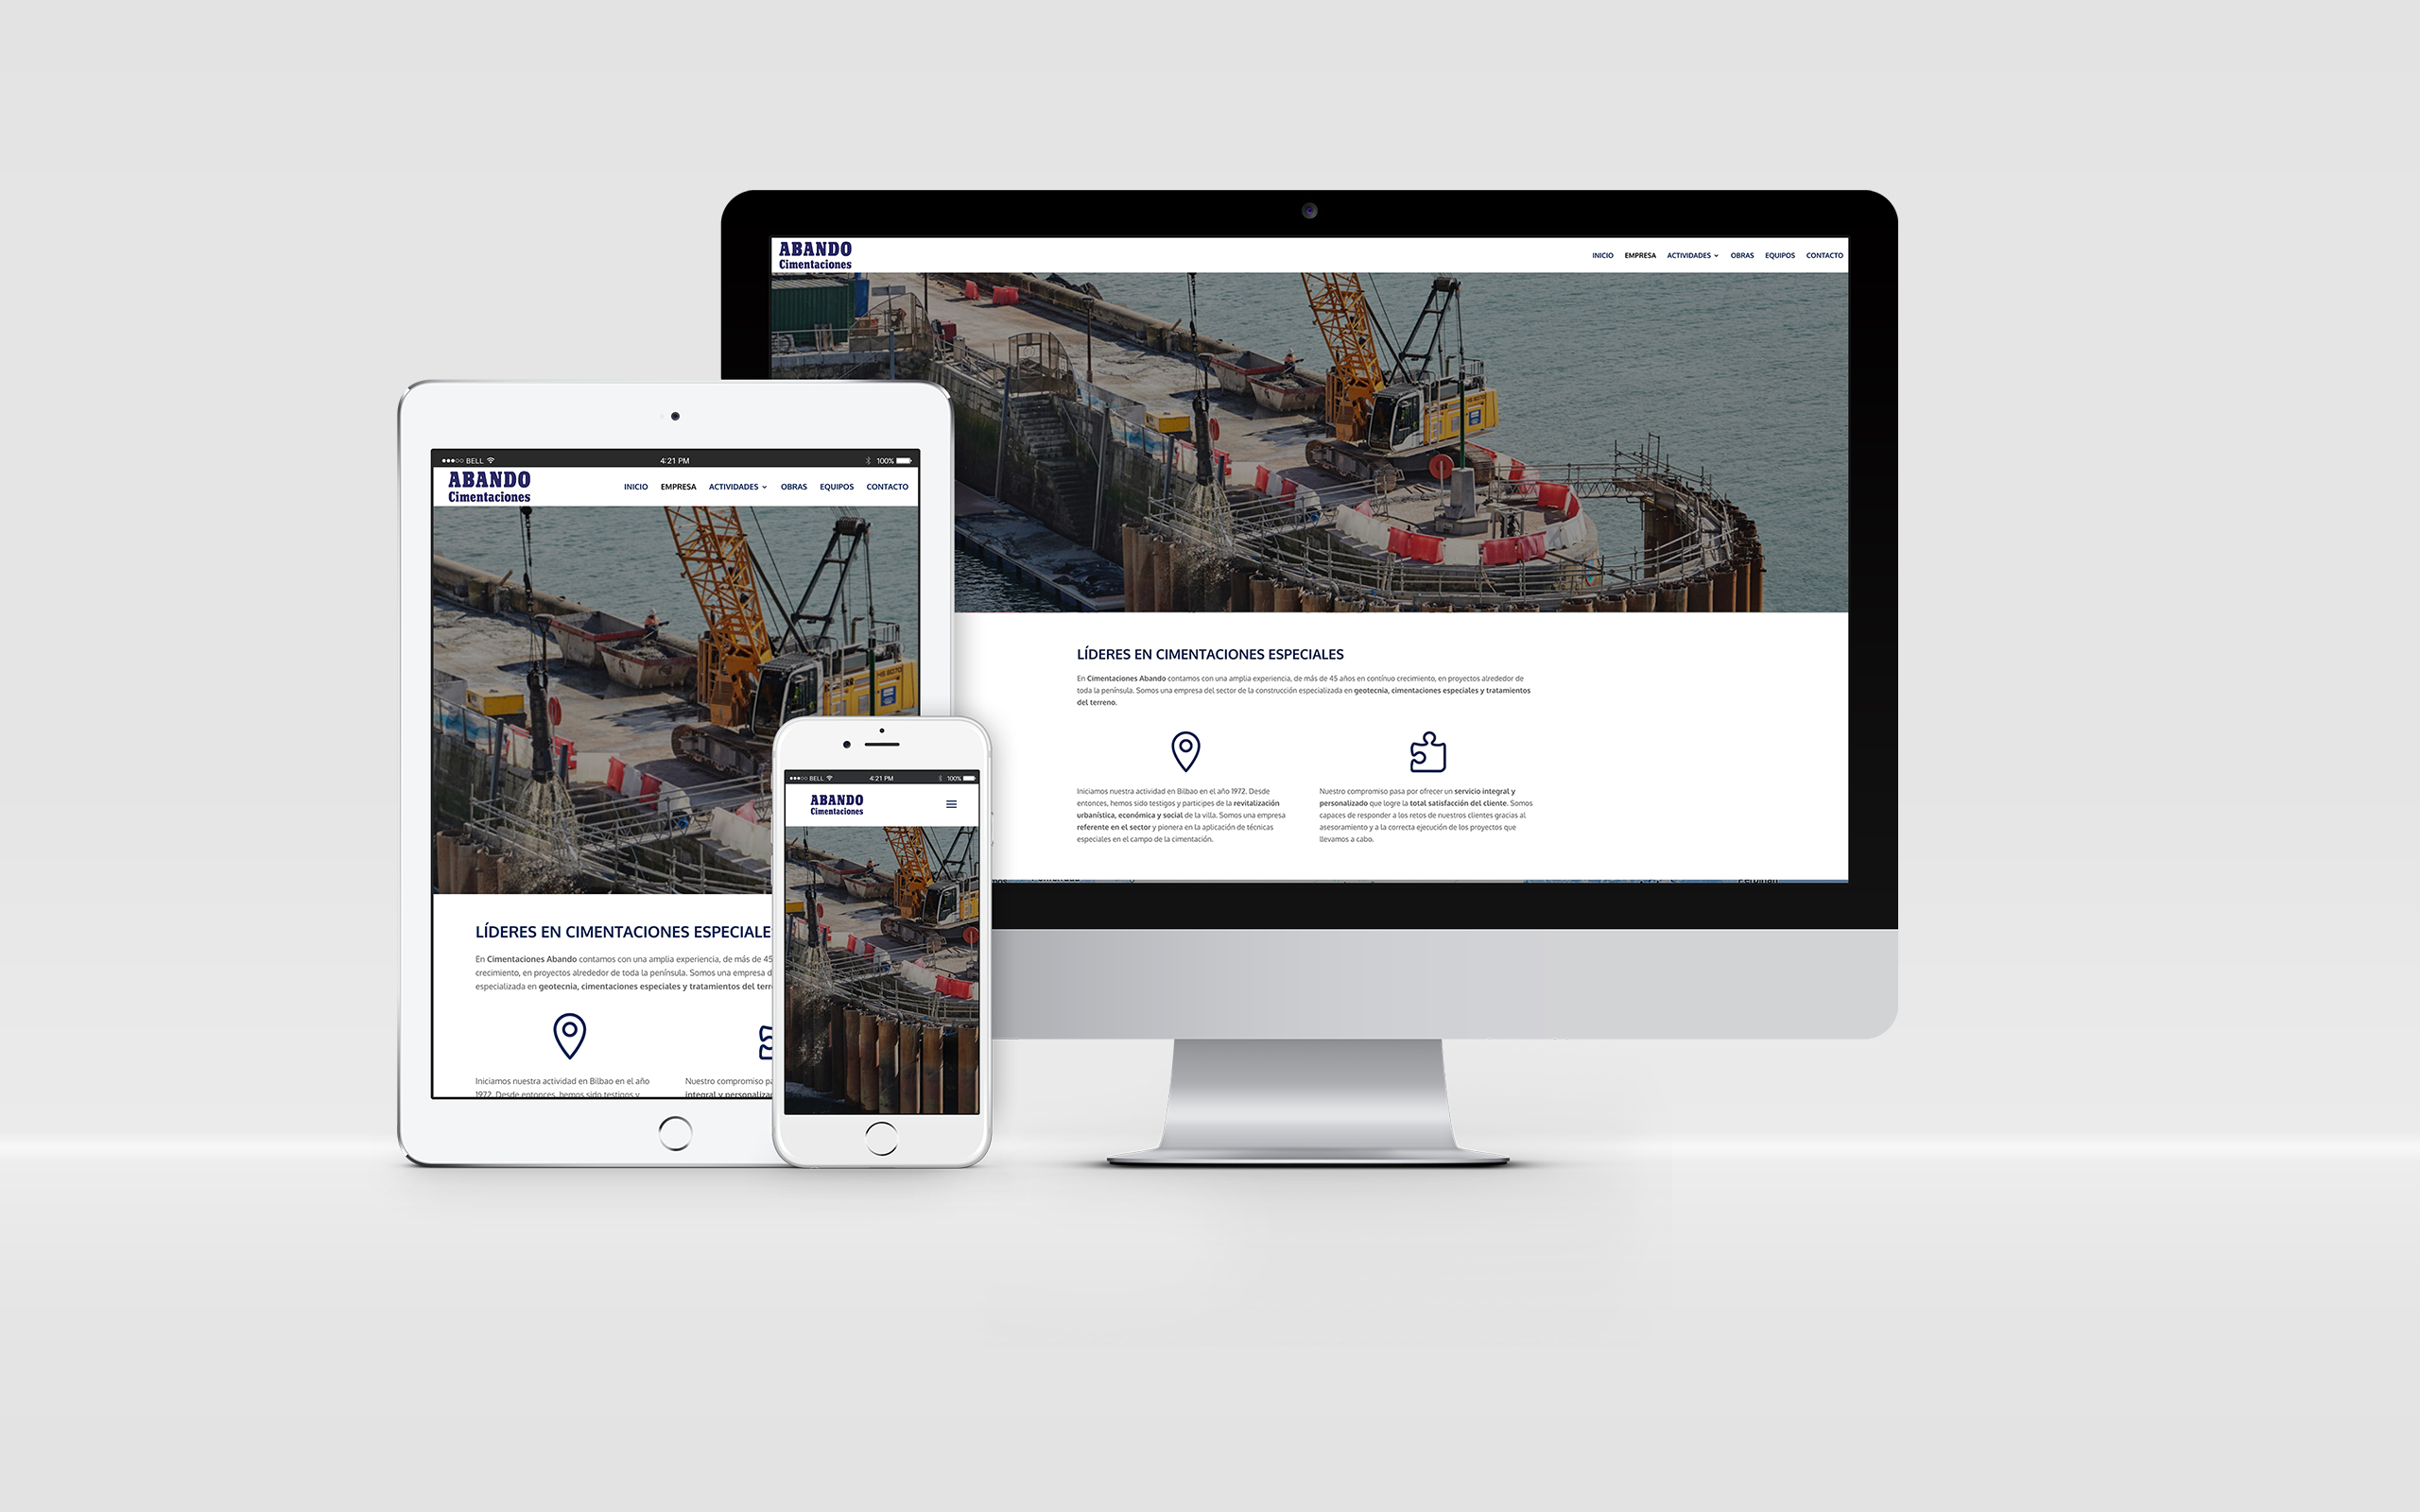 motiva-agencia-comunicacion_online_web-cimentaciones-abando